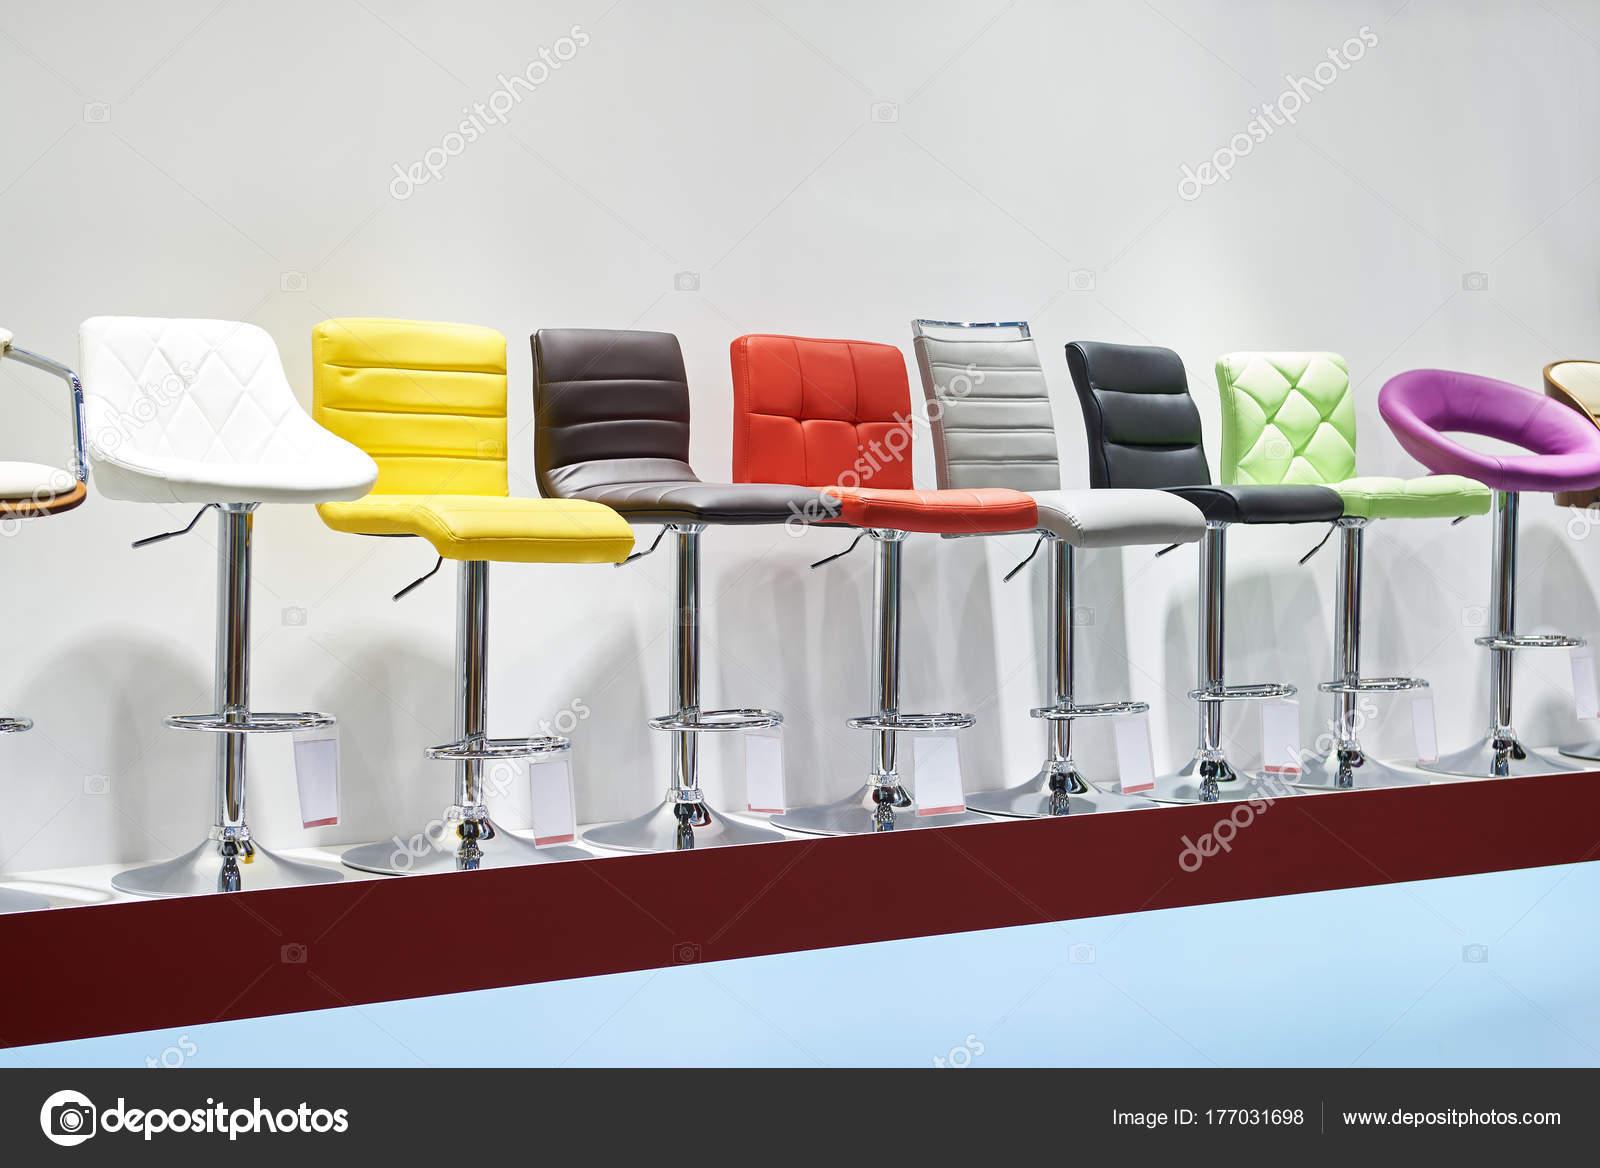 Stoel Te Koop : Hoge stoelen te koop in de winkel u2014 stockfoto © ryzhov #177031698